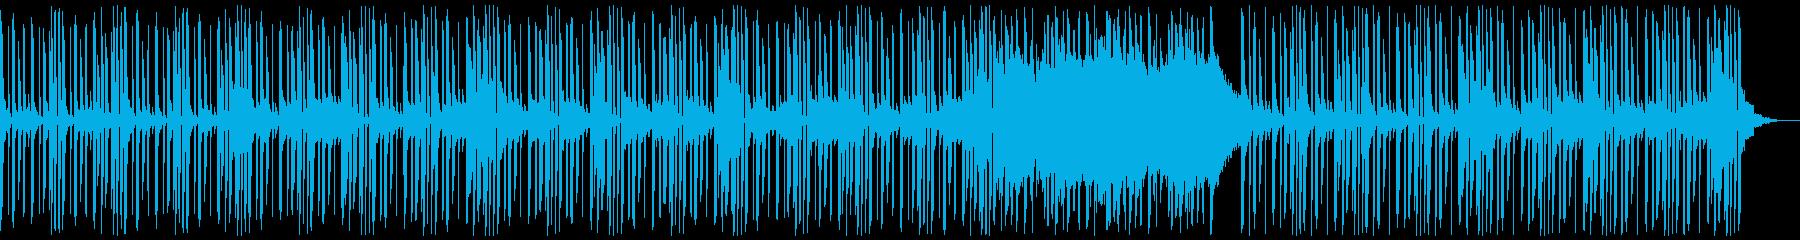 ドラム & ベース ジャングル H...の再生済みの波形